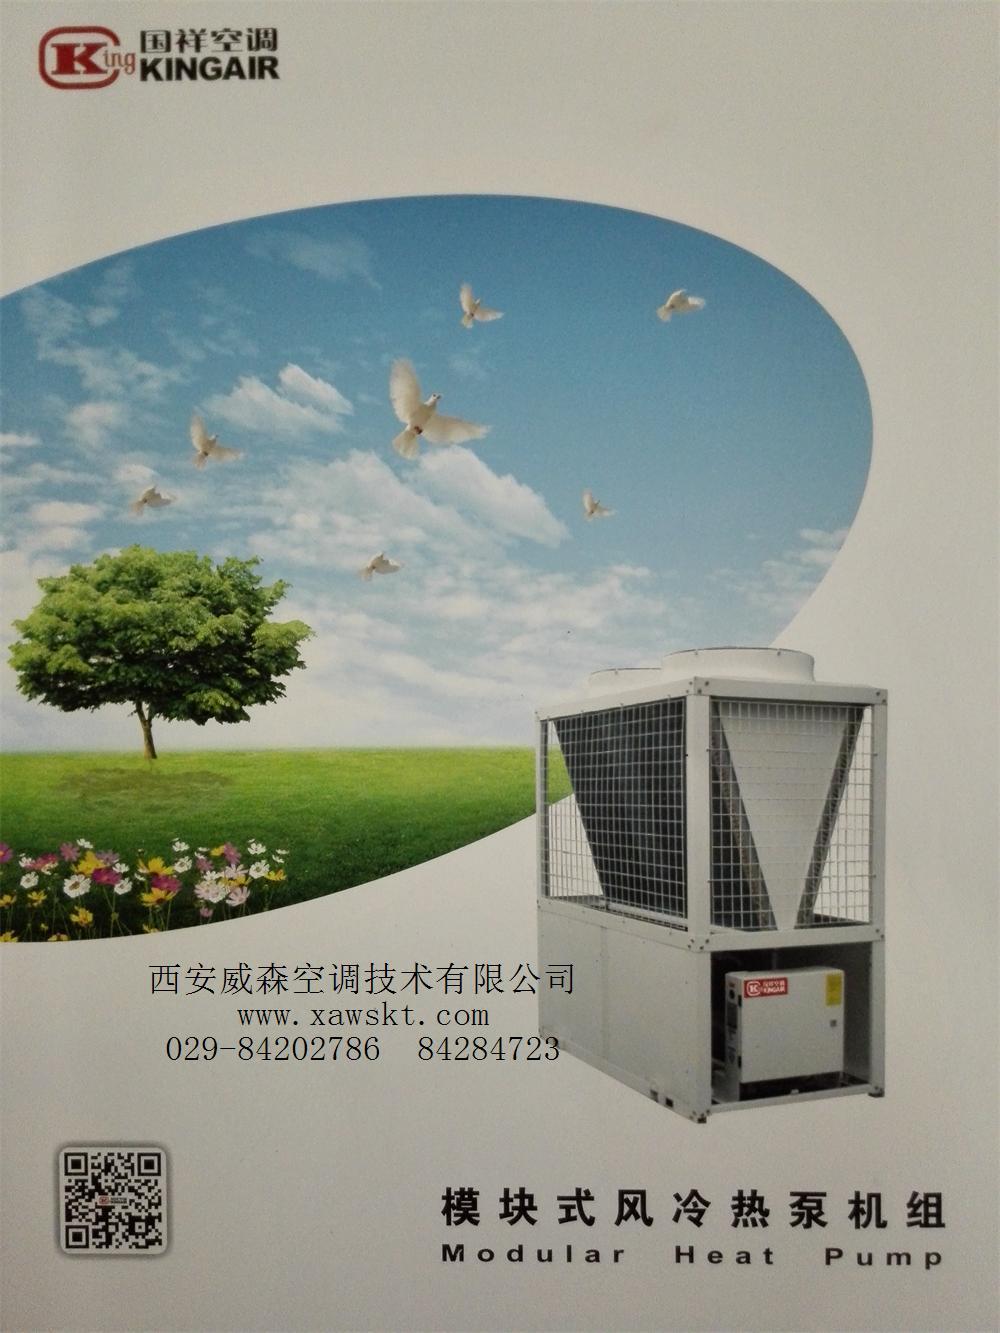 企业相册-西安威森空调技术有限公司